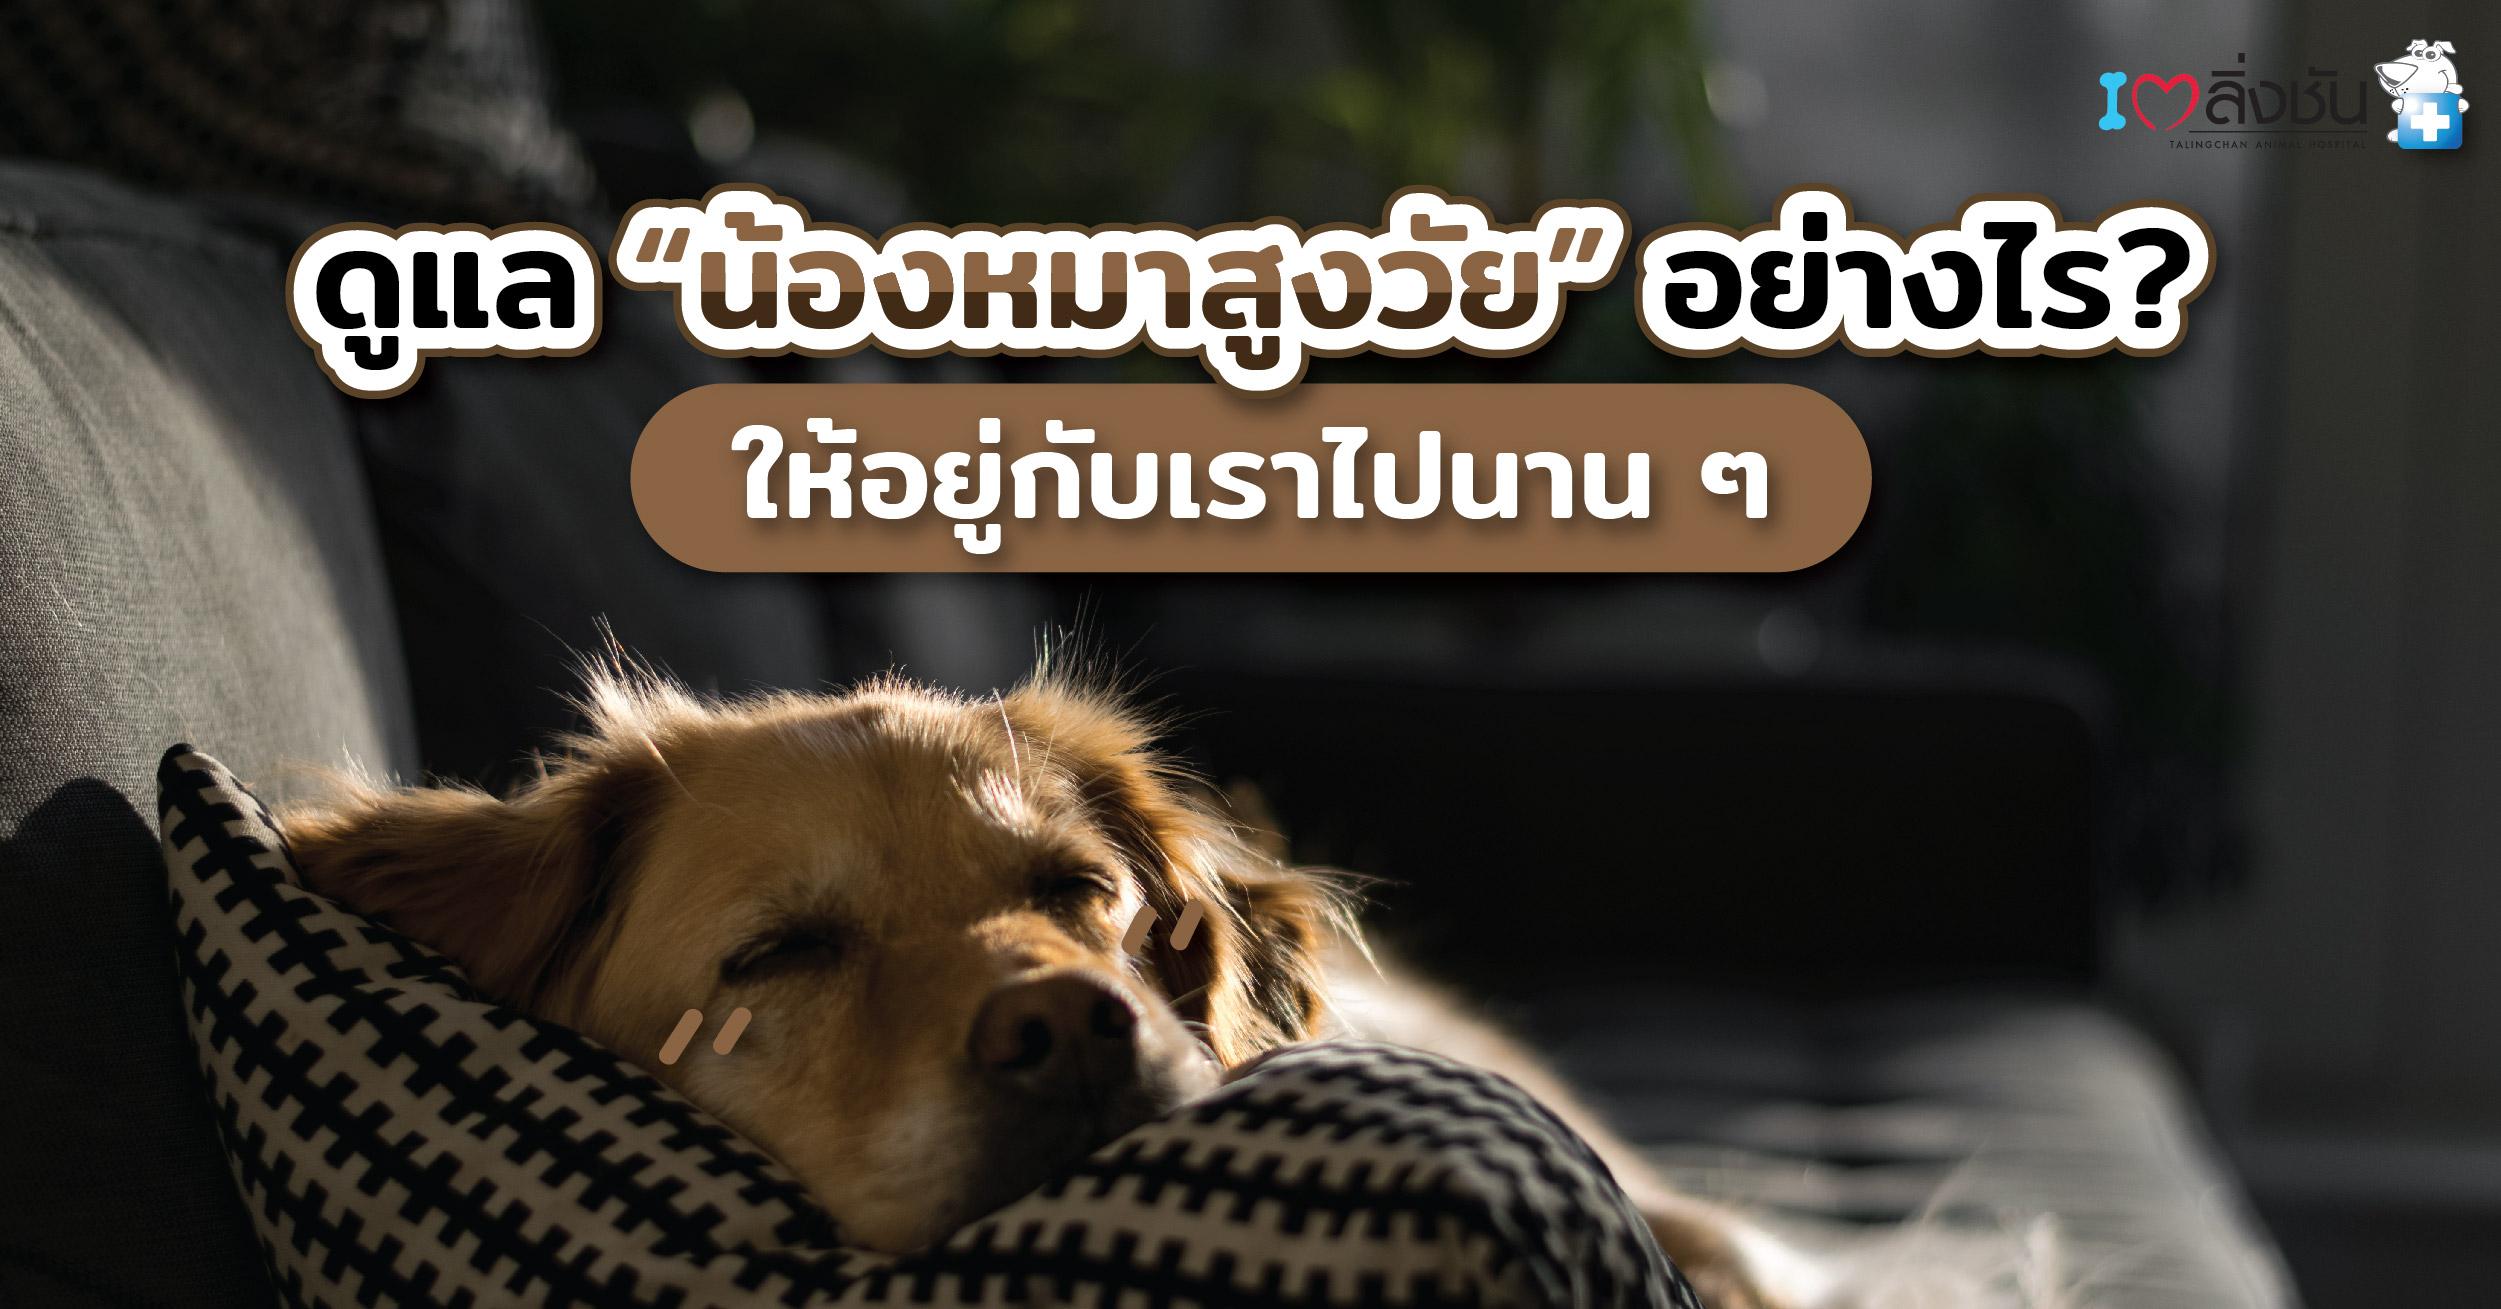 ดูแลหมาสูงวัย-02